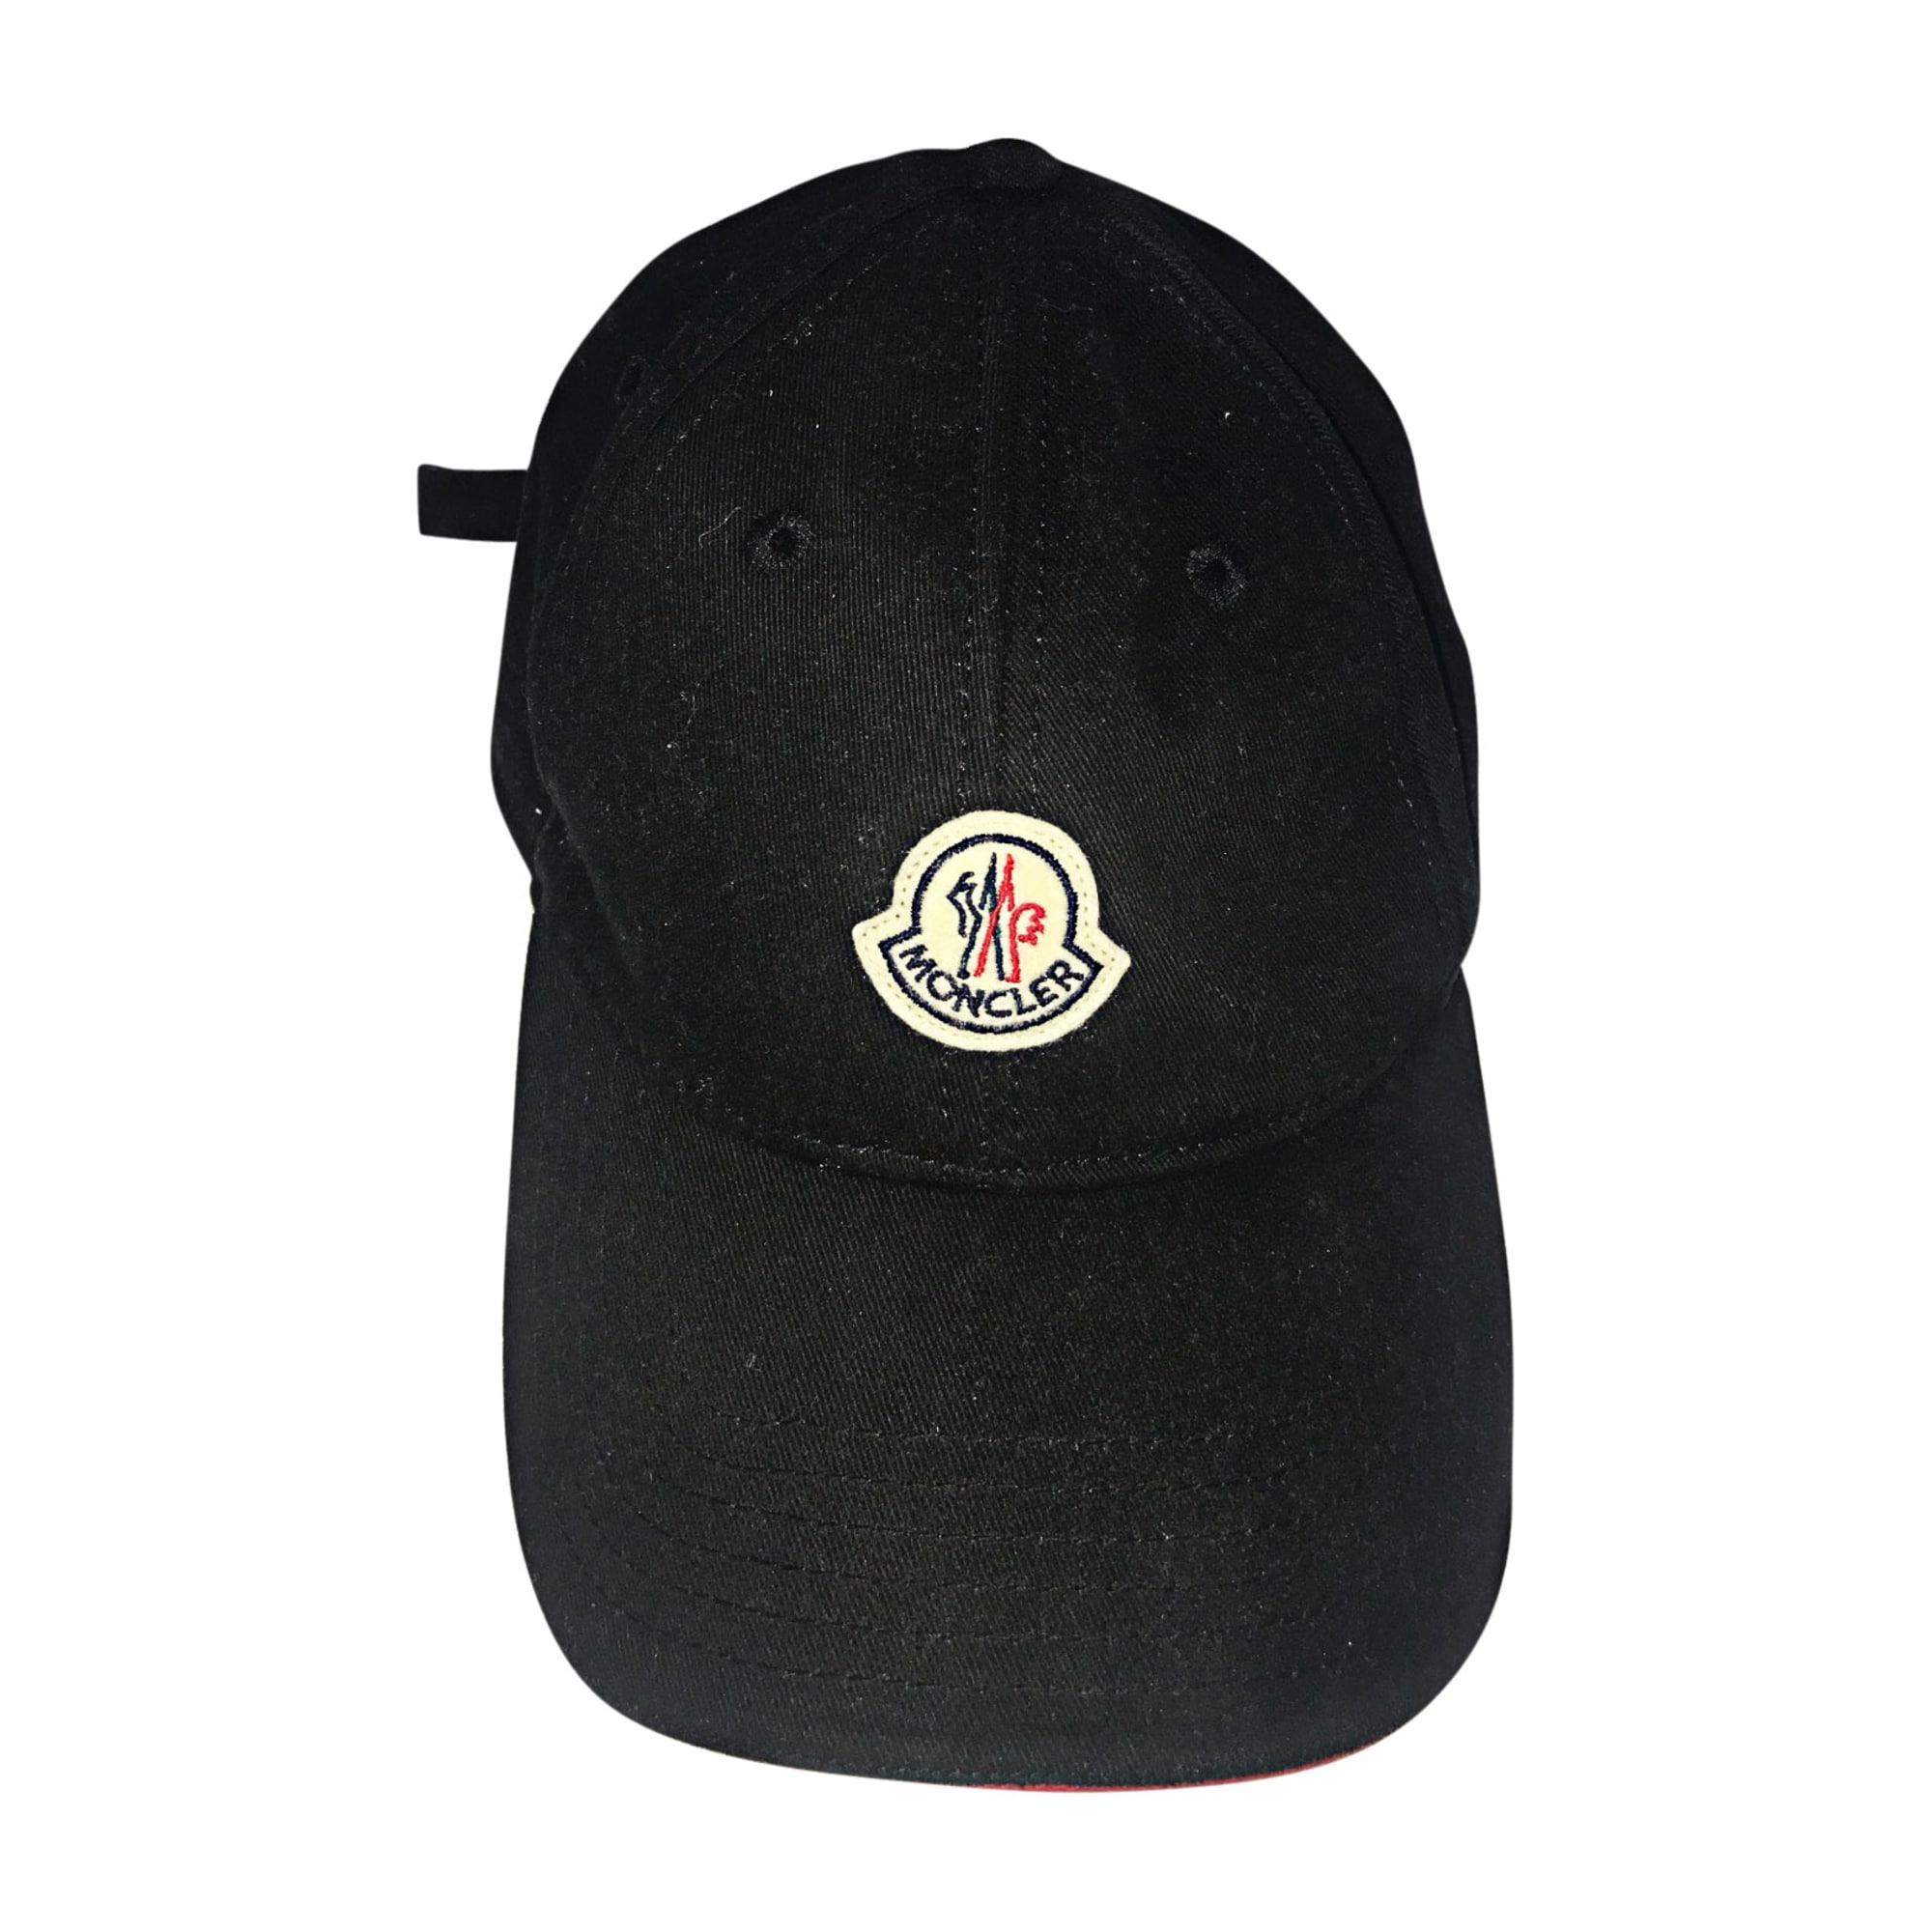 a3e24b375bb3 casquette moncler noir. Casquette Coton Moncler Logo Imprimé Homme Chapeaux  Moncler Casquette de Baseball Sport Bleu 2531 ...